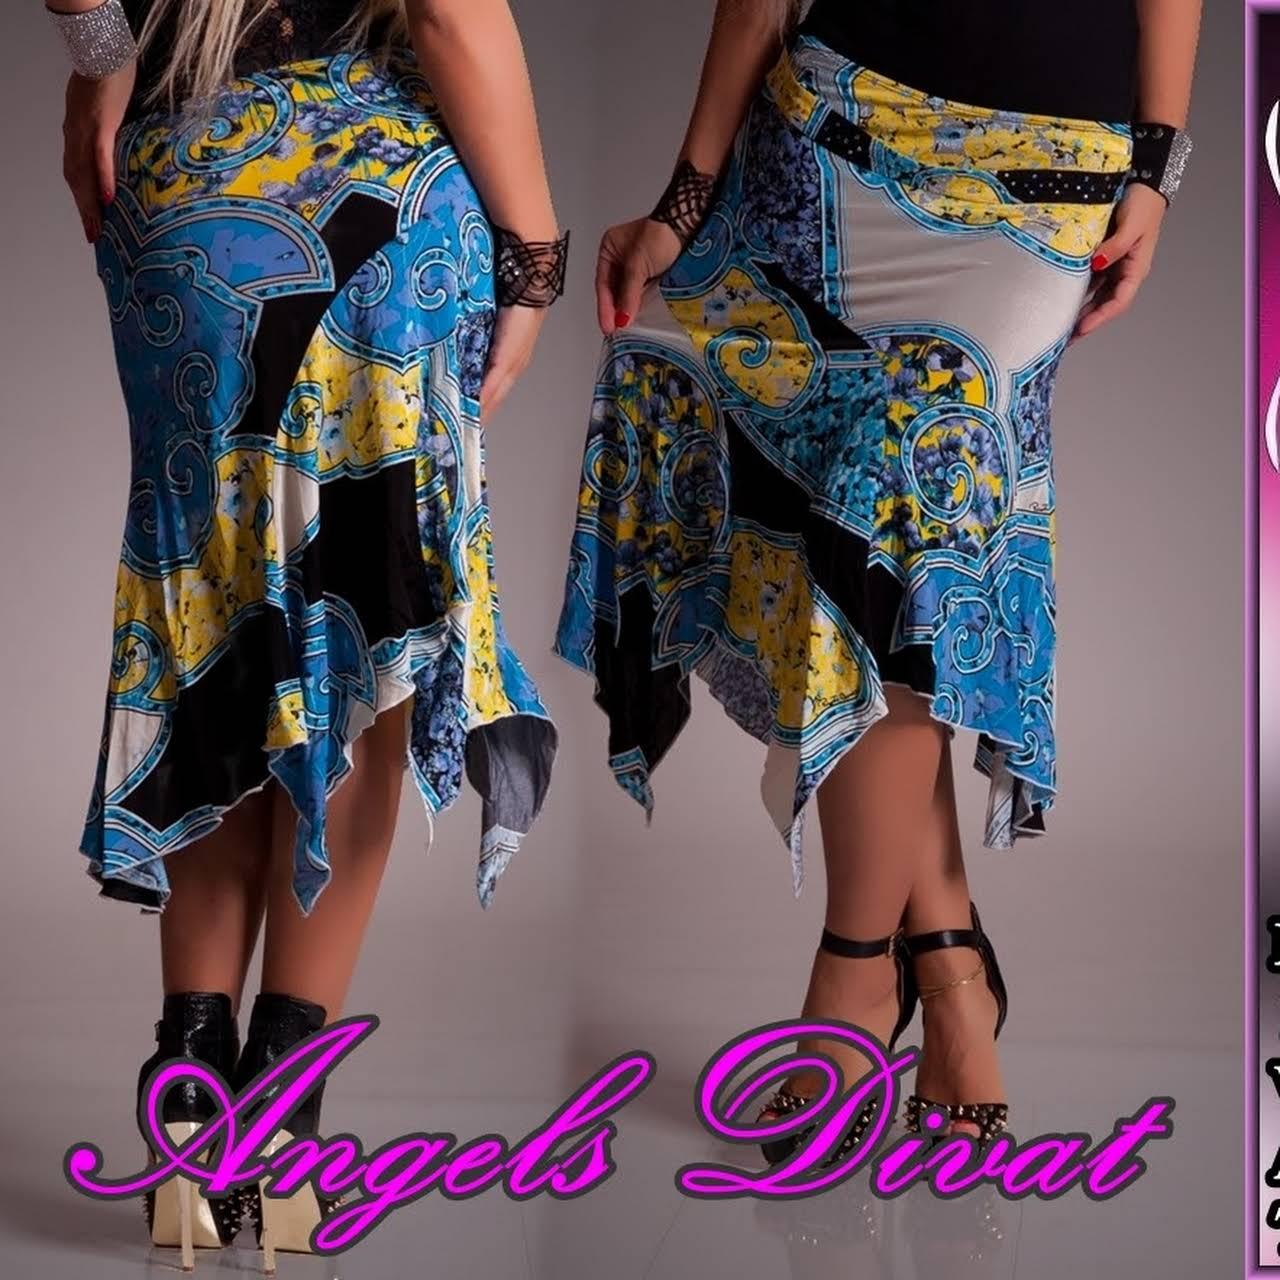 ae347a0bca Angels Divat Női ruha üzlet és Webshop - Női ruha üzlet webáruház ...